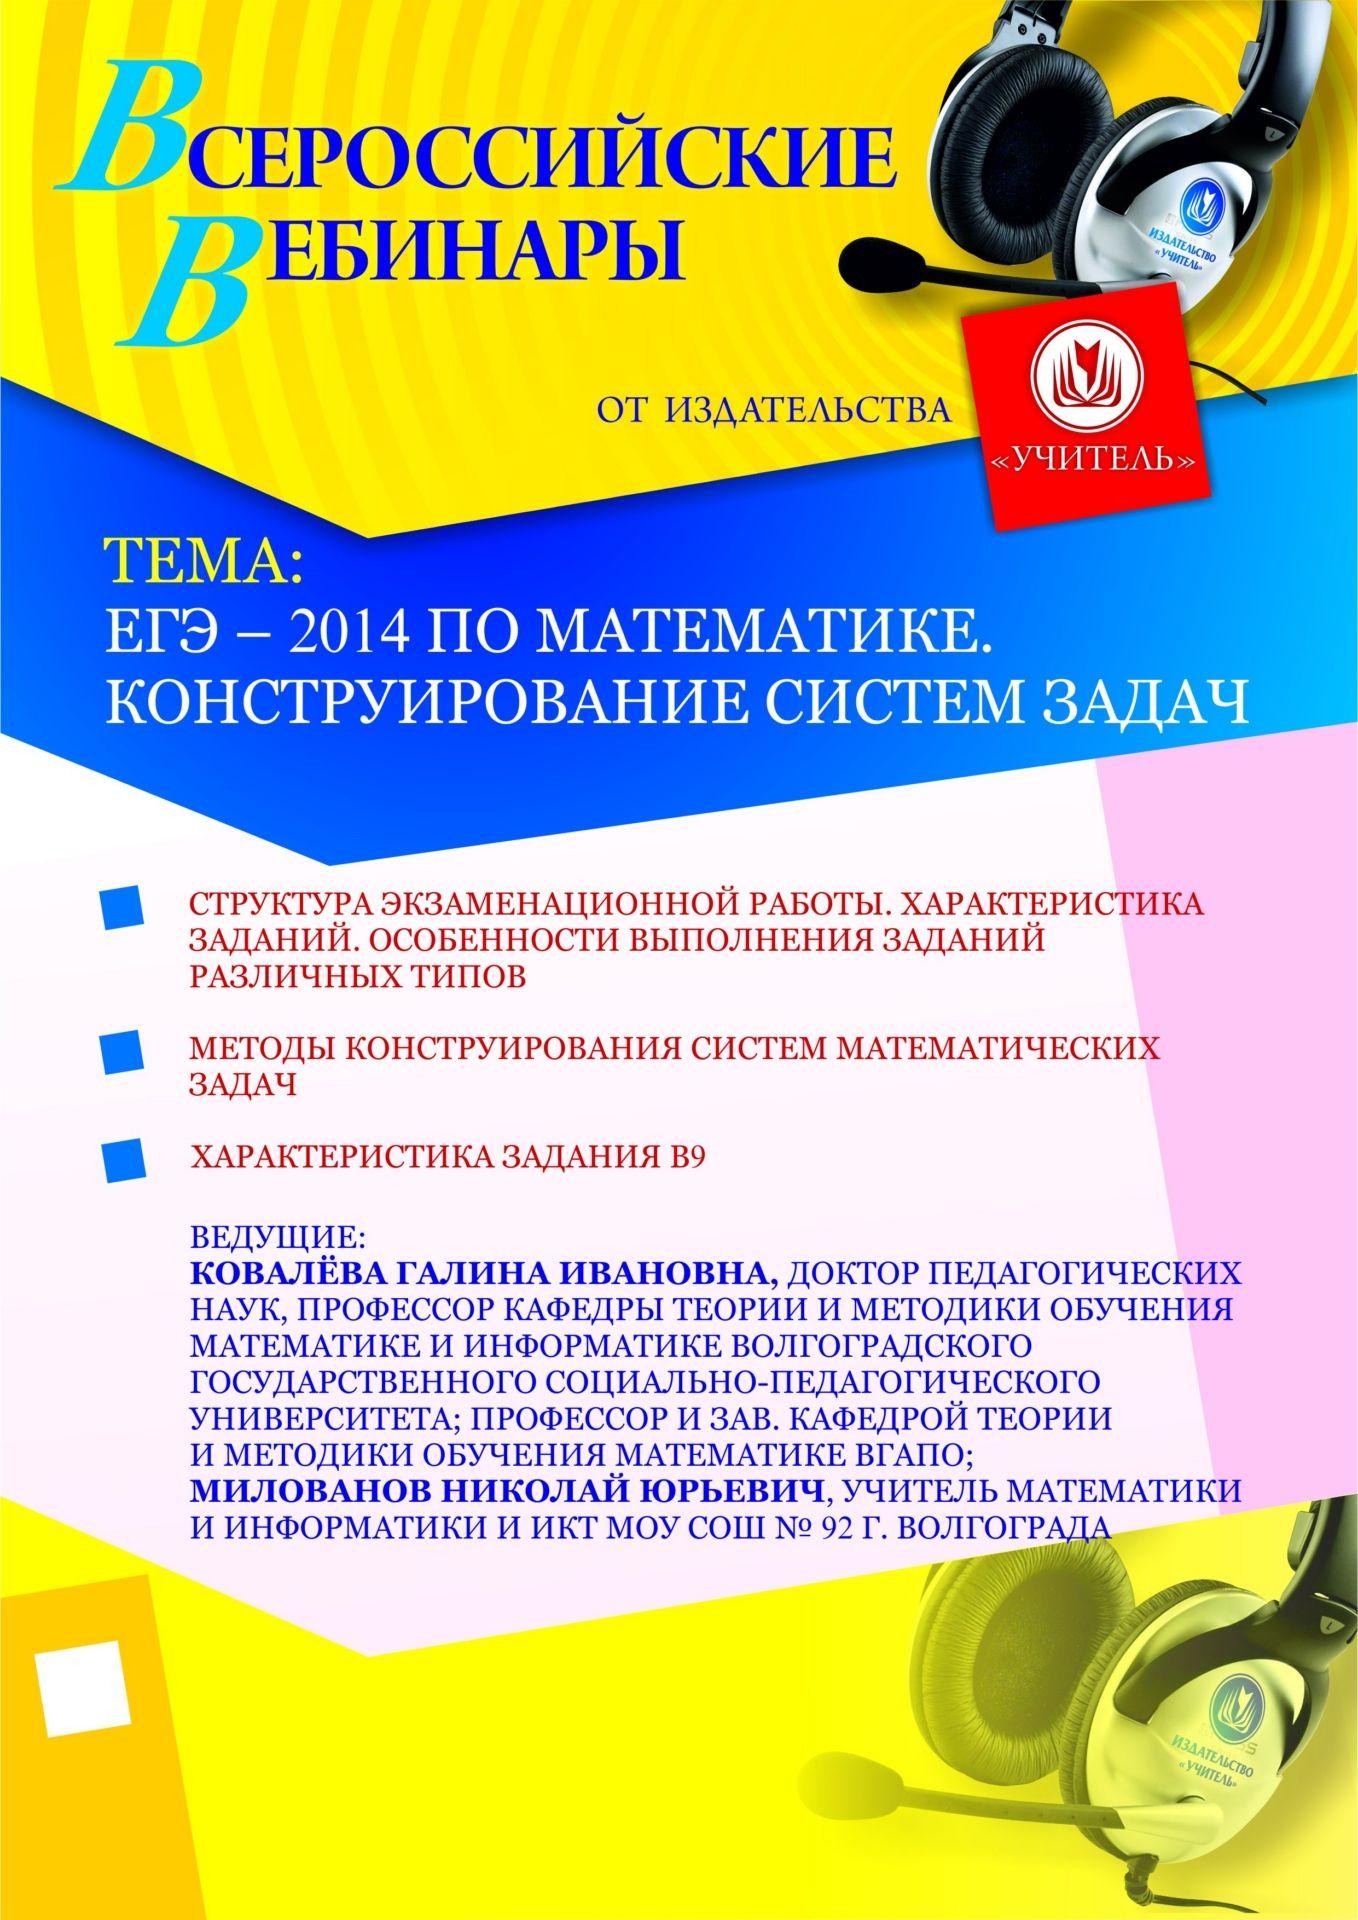 ЕГЭ – 2014 по математике. Конструирование систем задач фото